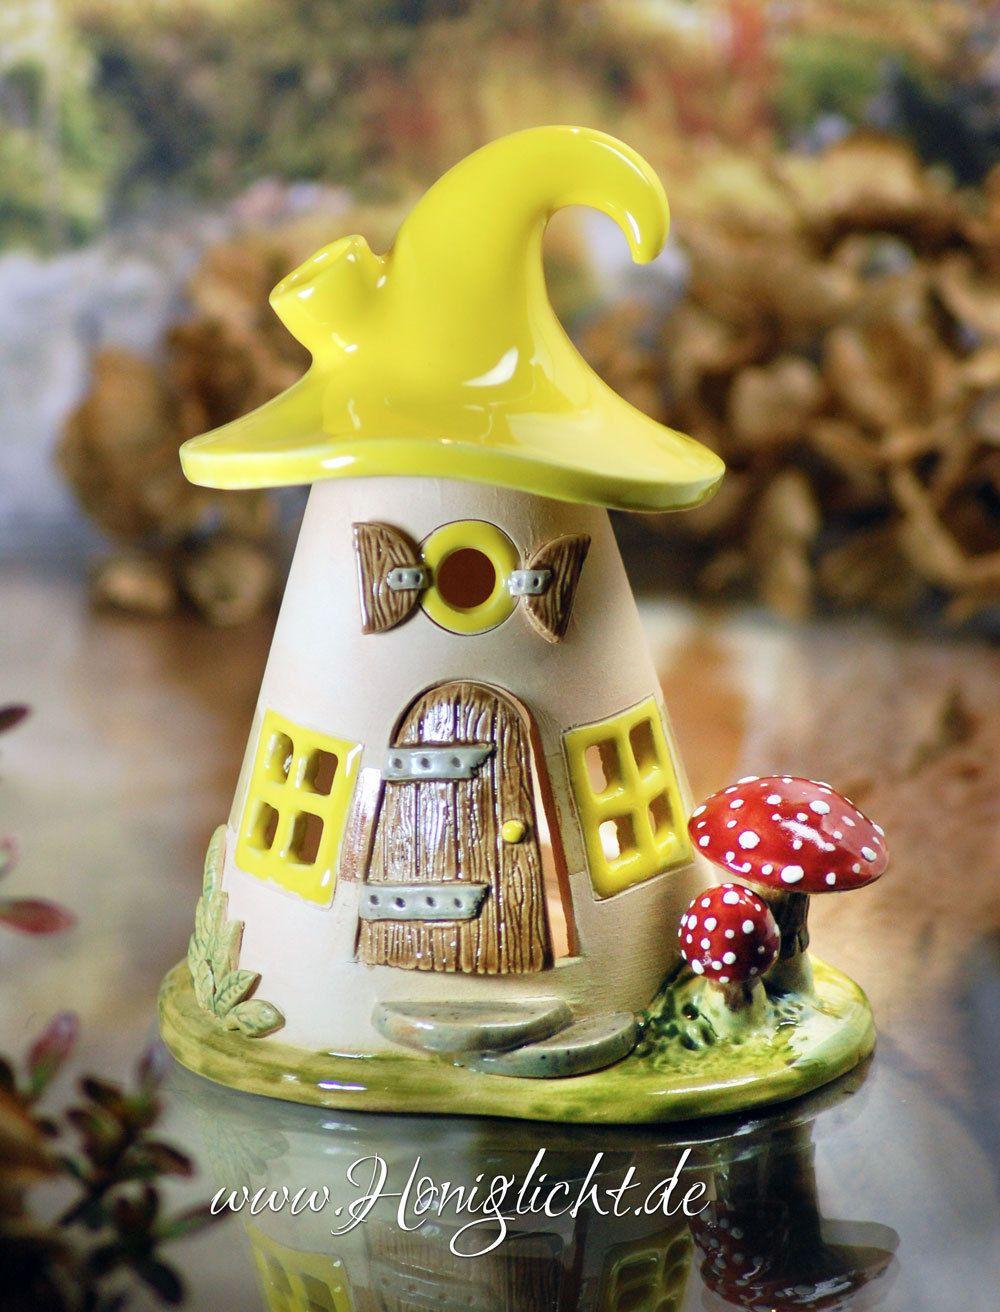 windlicht keramik elfenhaus gelb mit fliegenpilzen. Black Bedroom Furniture Sets. Home Design Ideas